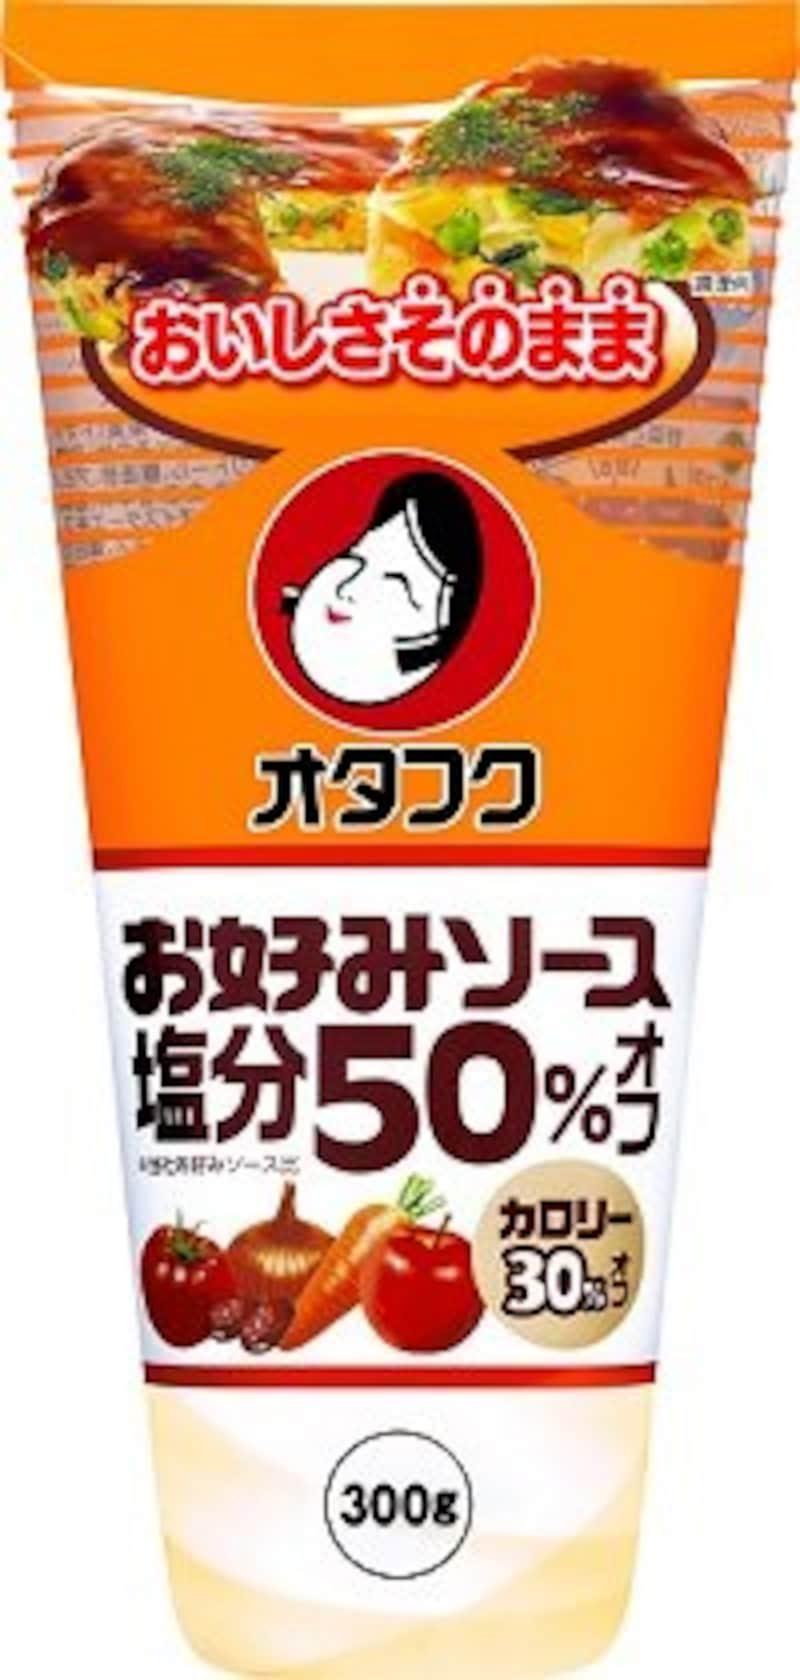 塩分50%・カロリー30%オフ オタフク お好みソース